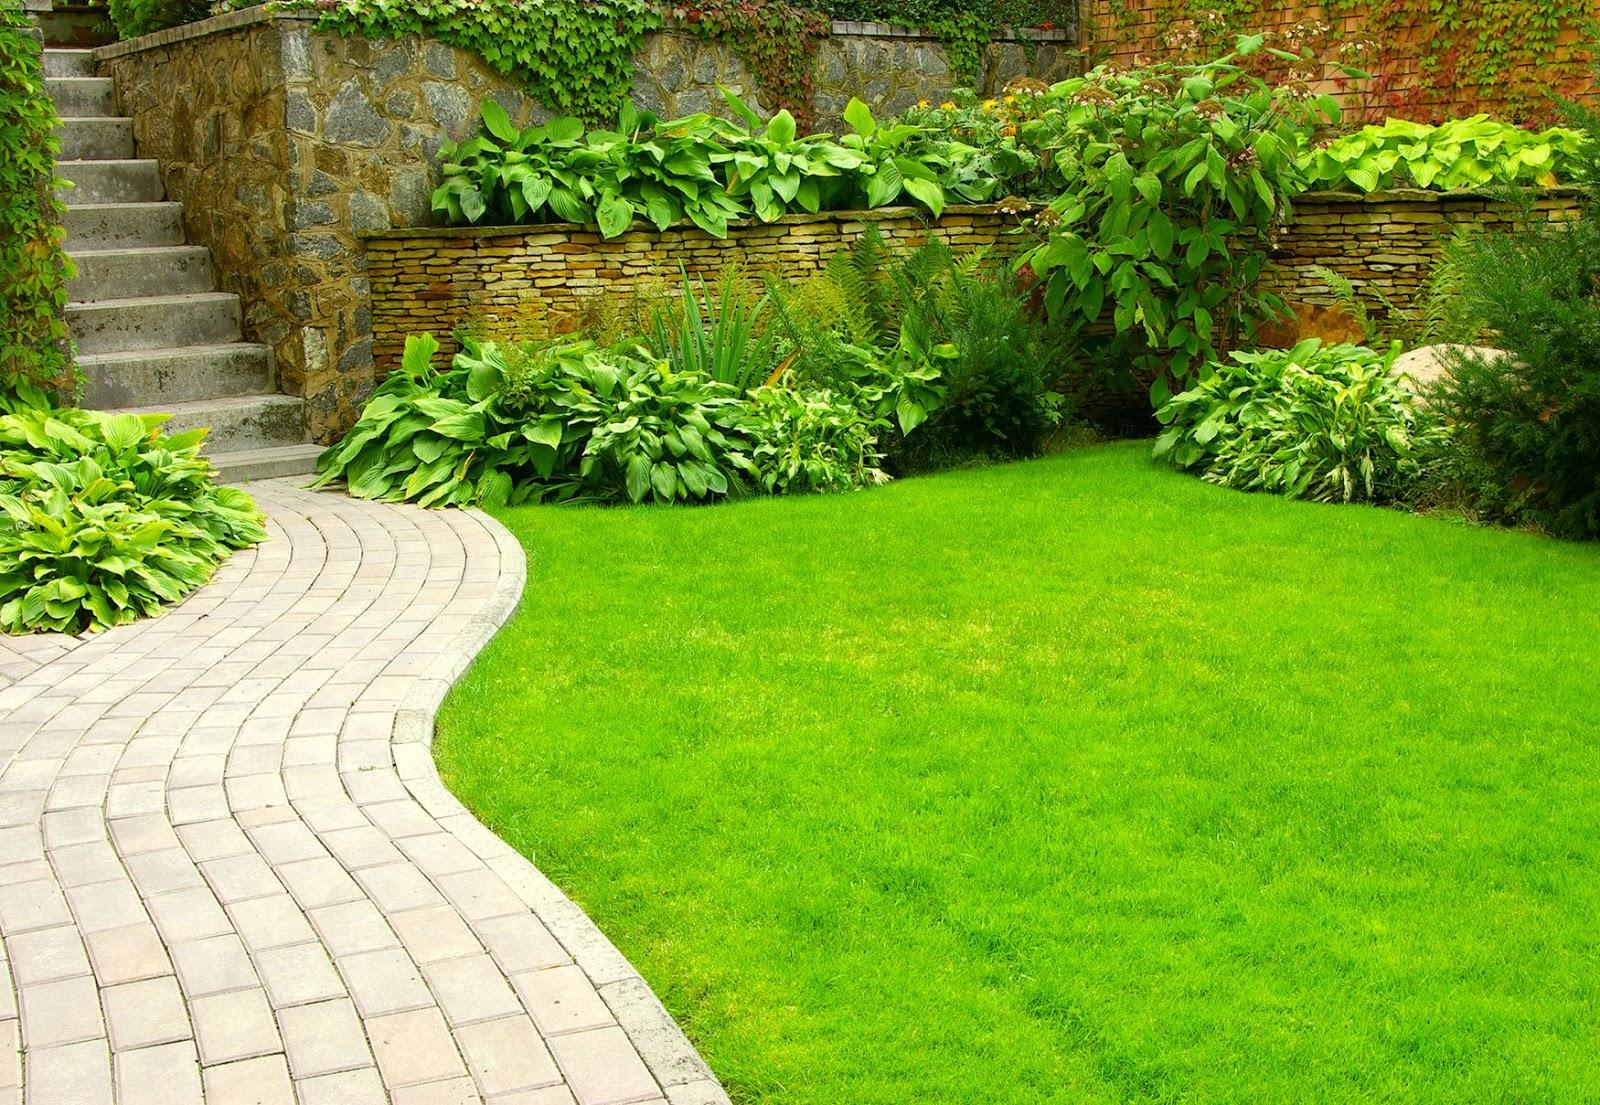 Banco de im genes gratis 9 fotos de jardines dise o - Fotos de jardines ...